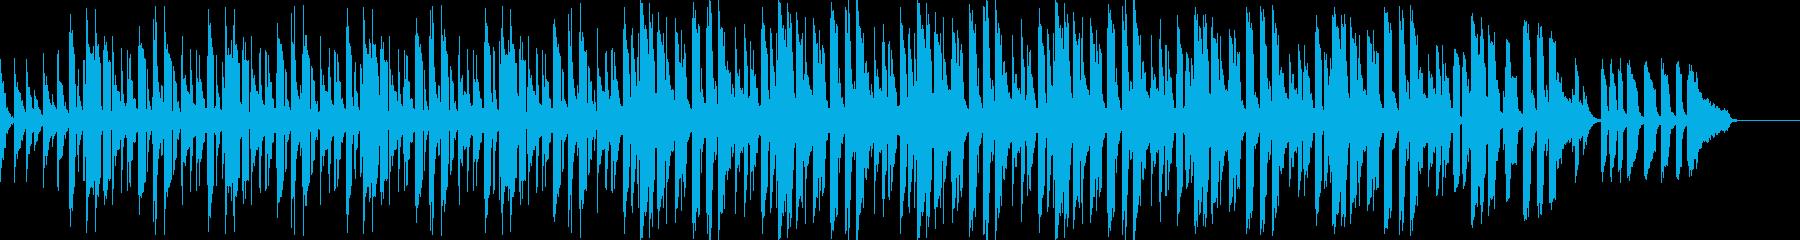 スローテンポスウィングverの再生済みの波形